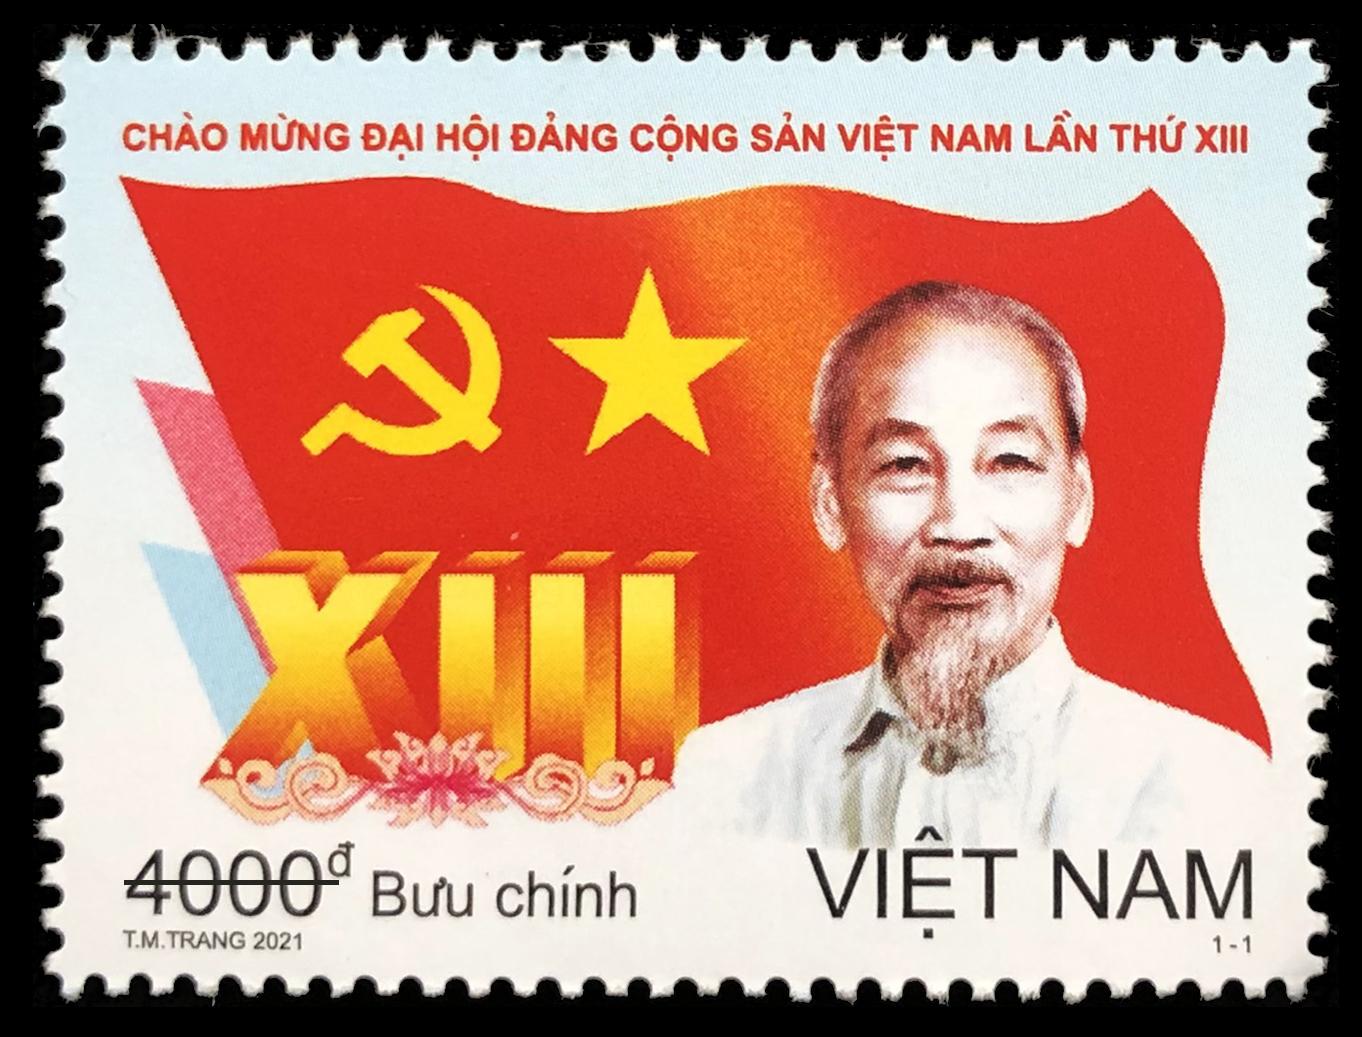 越南1月22日发行越南共产党第十三届全国代表大会邮票